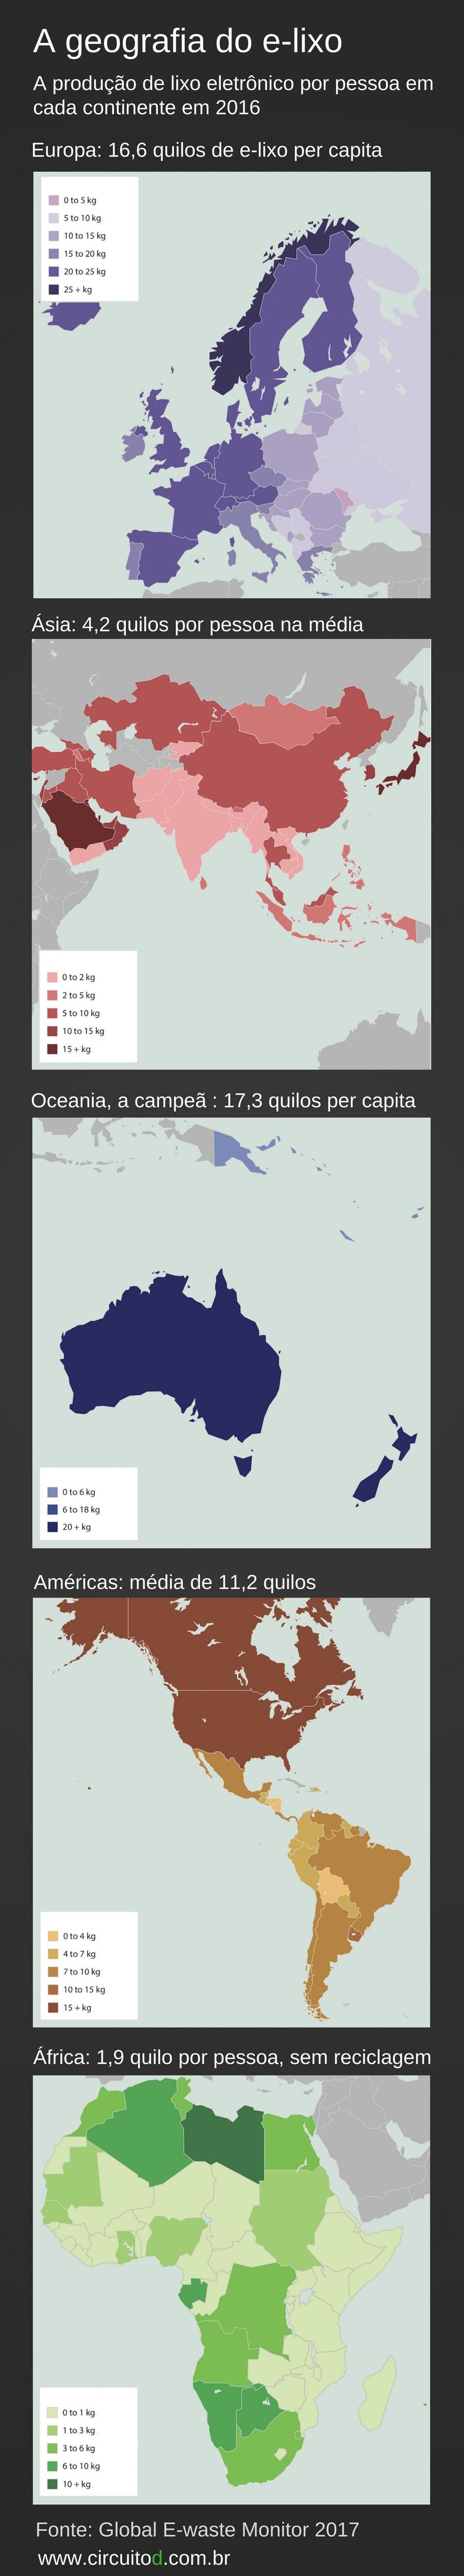 Geografia do e-lixo em mapas